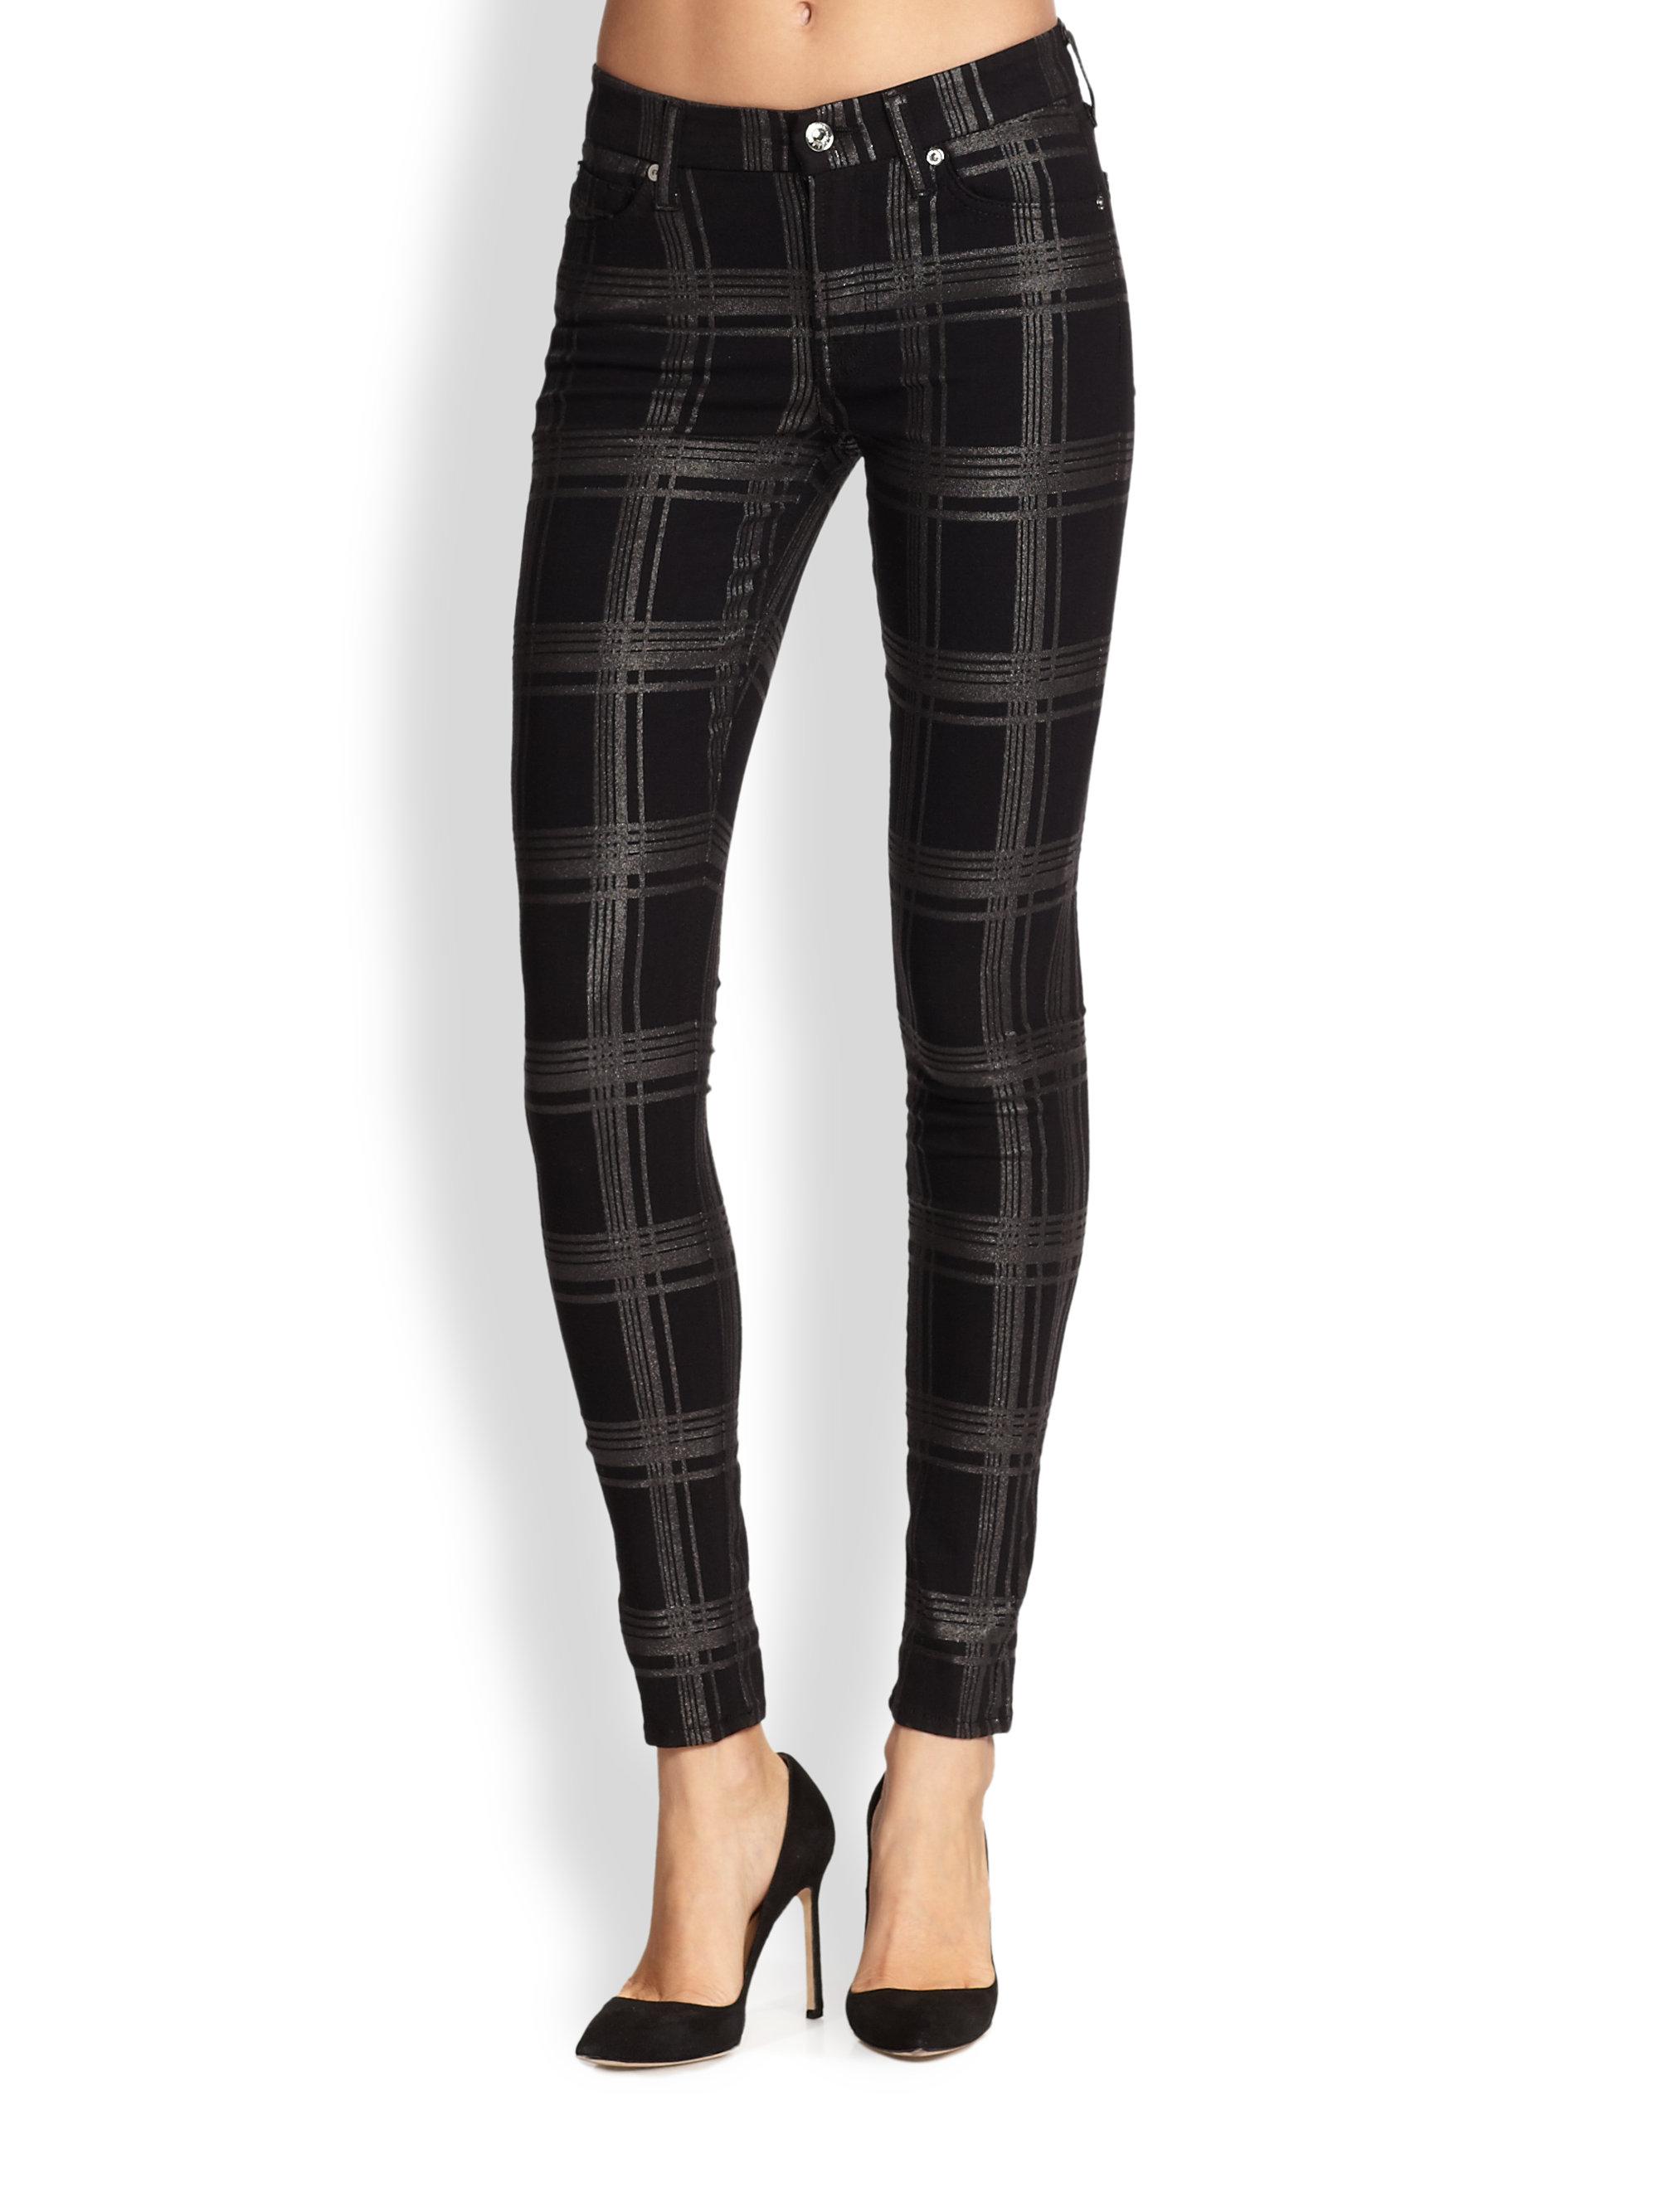 Cheap True Religion Jeans Women